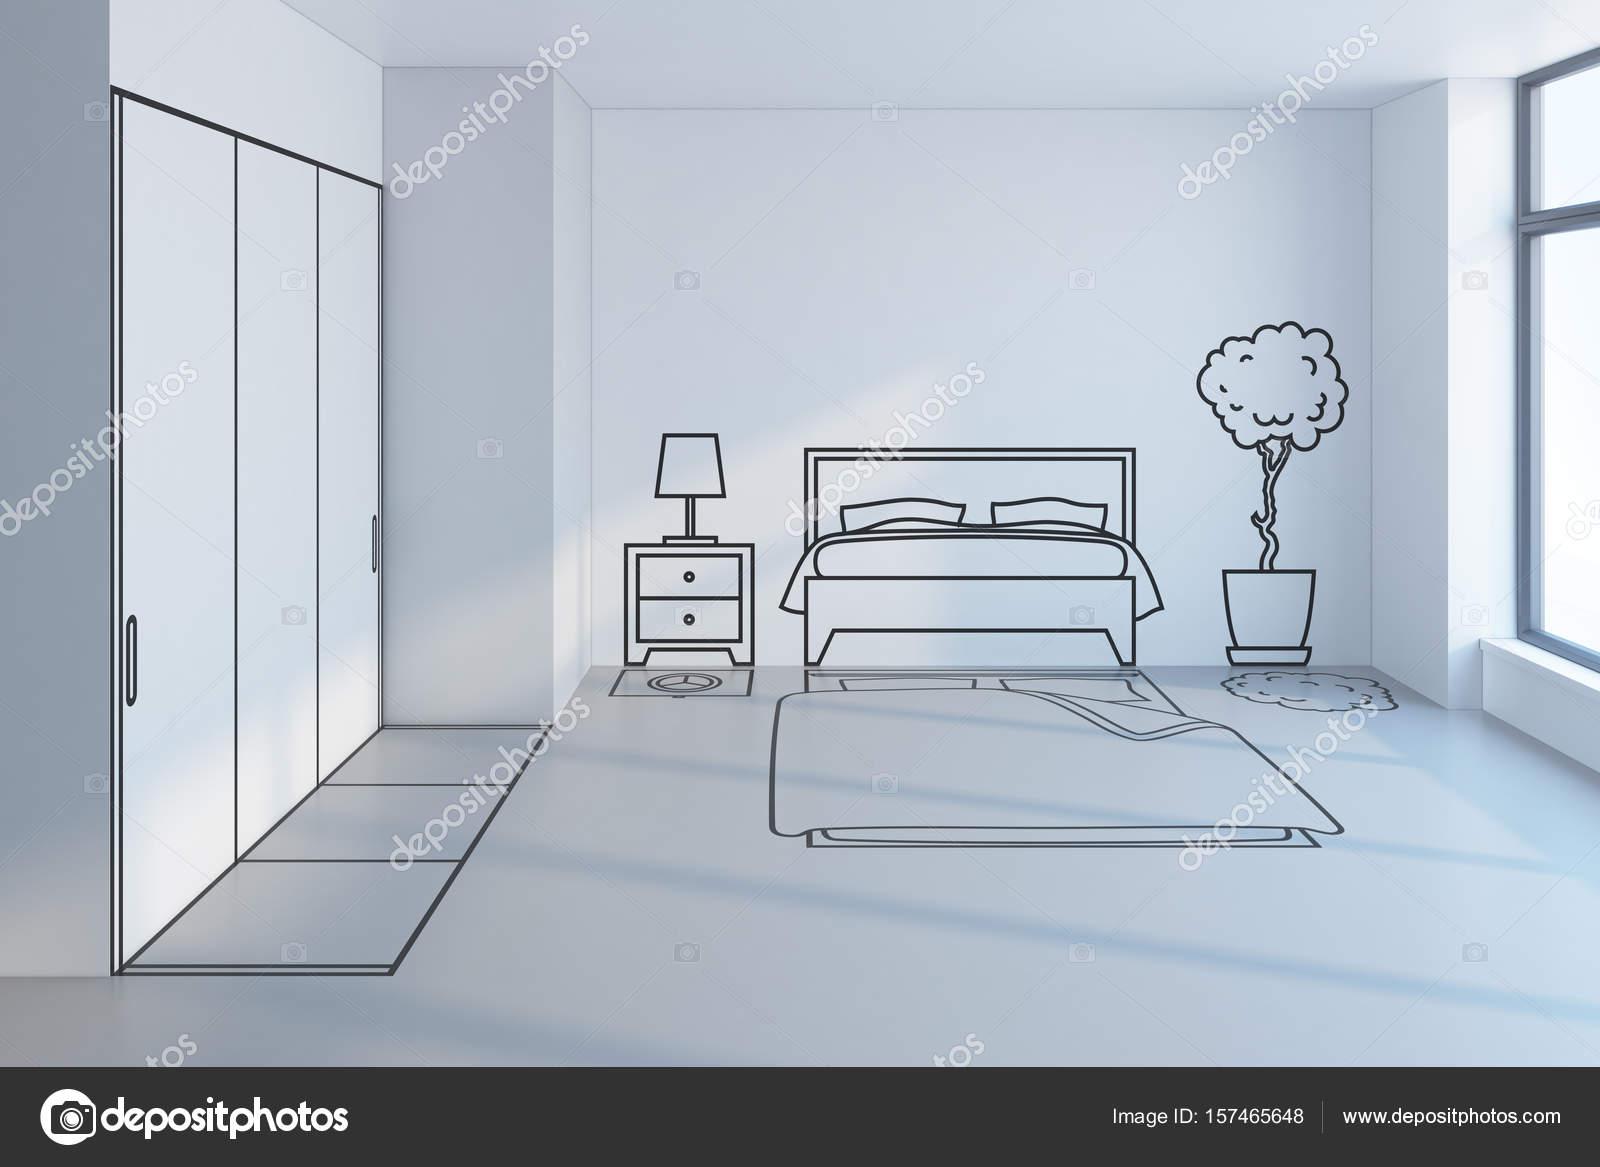 slaapkamer ontwerp 3d rendering van plan — Stockfoto © auriso #157465648